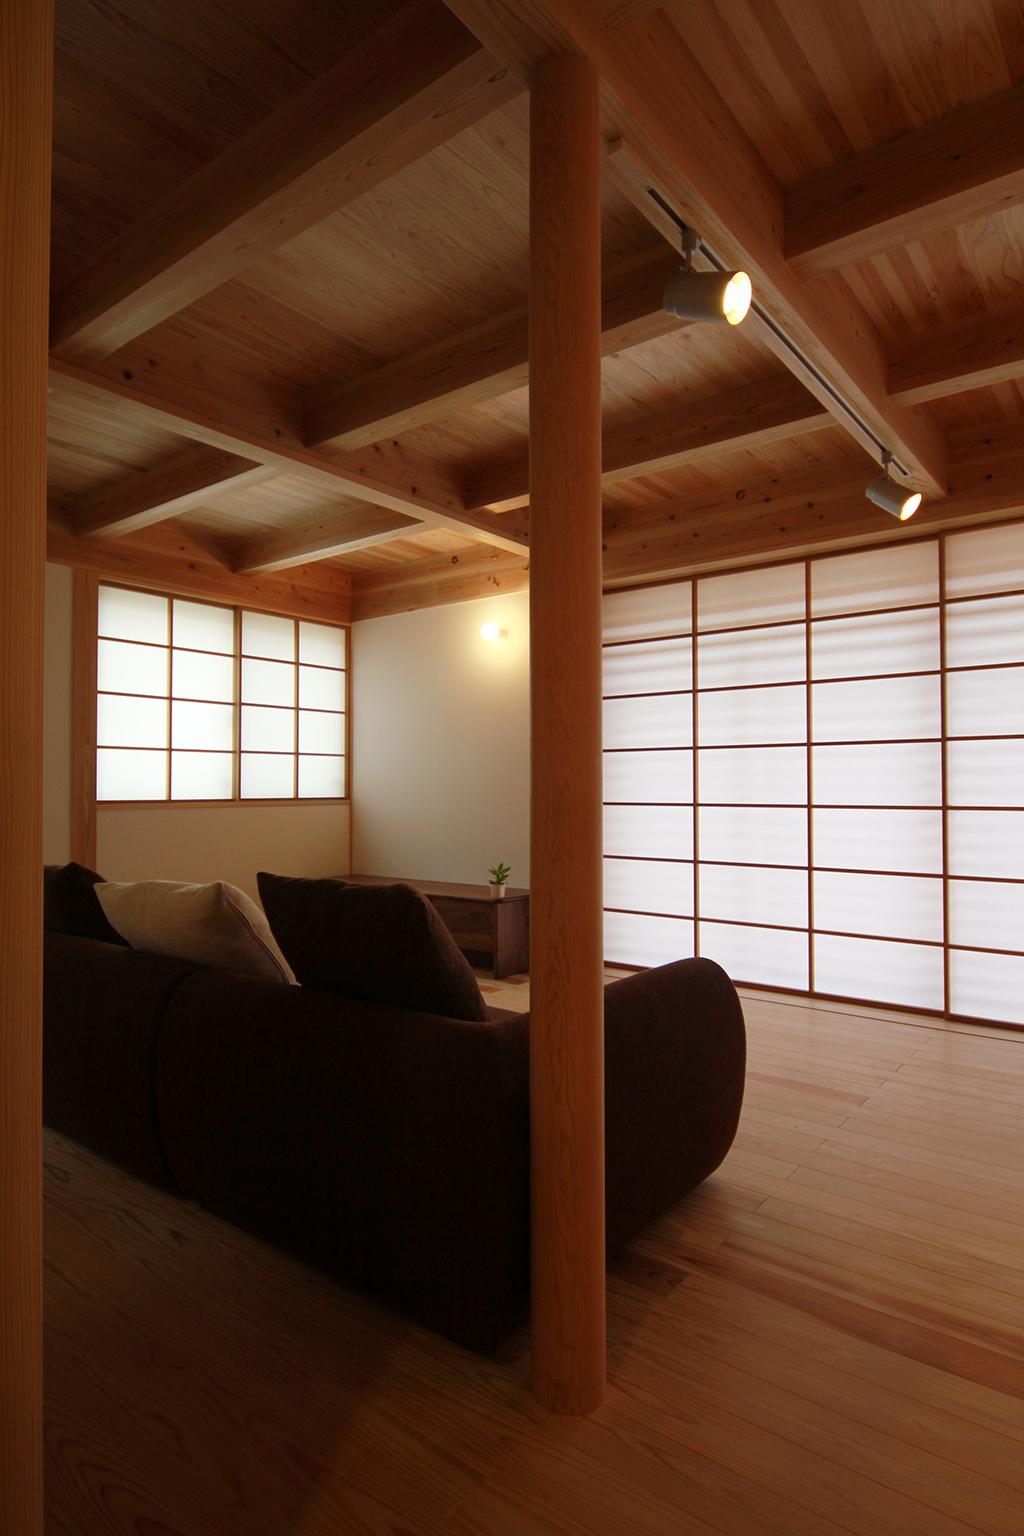 姫路市の木の家 障子を閉めて落ち着いた雰囲気のリビング